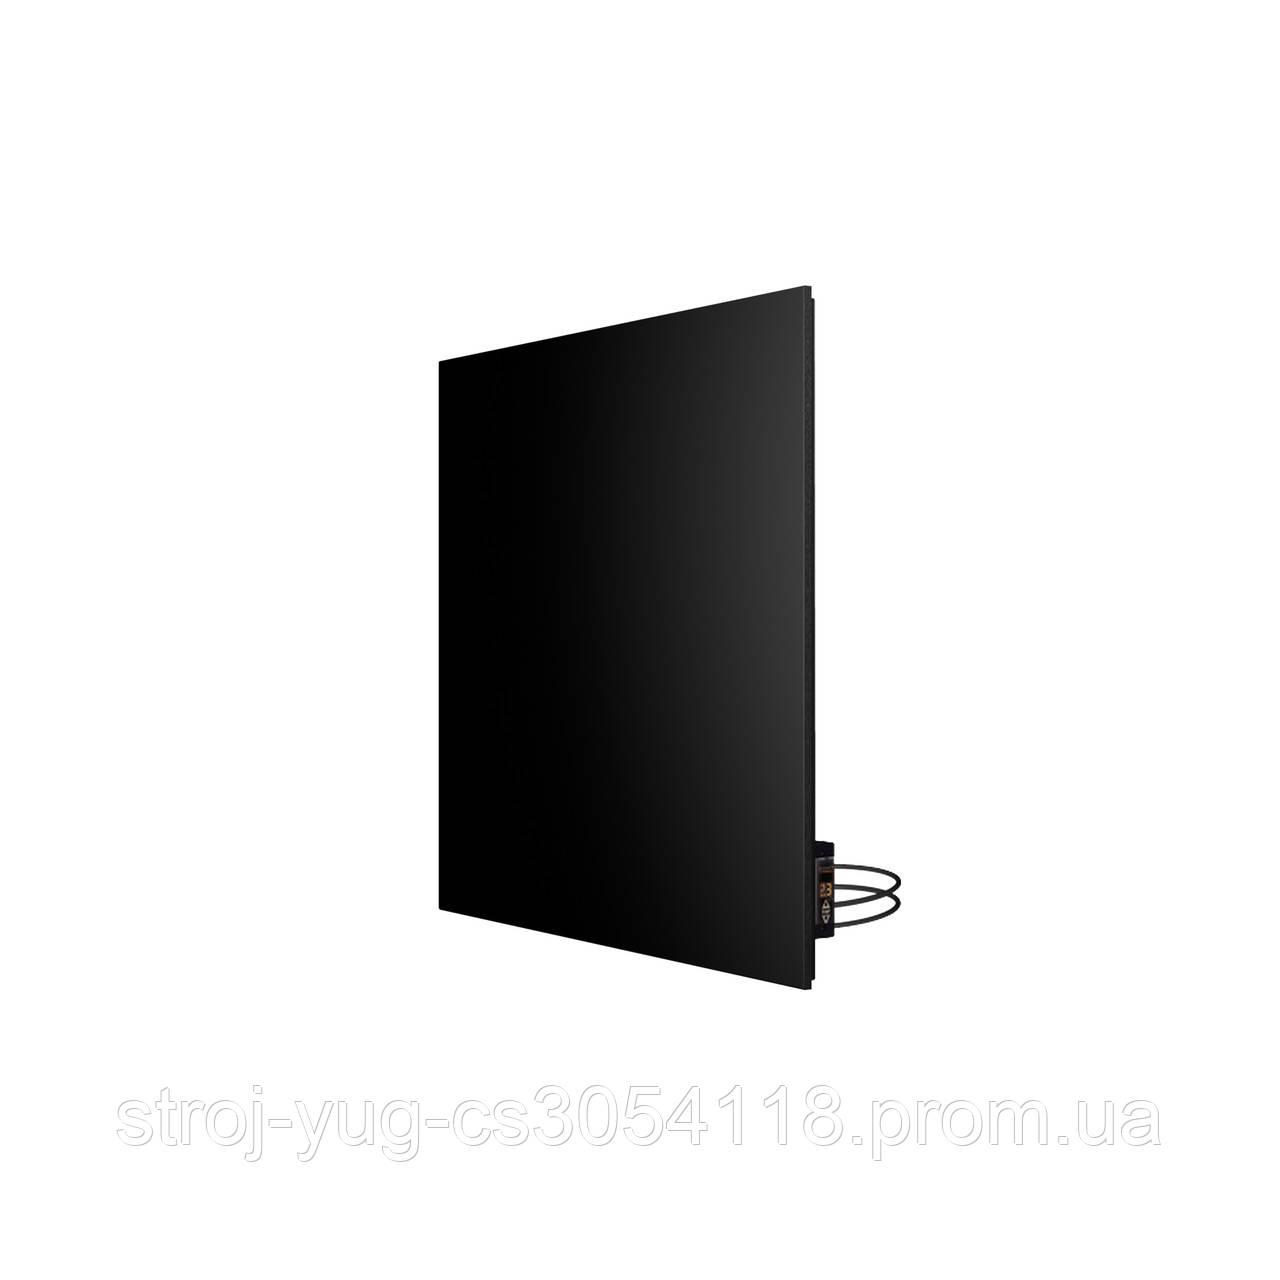 Керамический инфракрасный панельный обогреватель Teploceramic TC400M 400Вт (Чёрный)